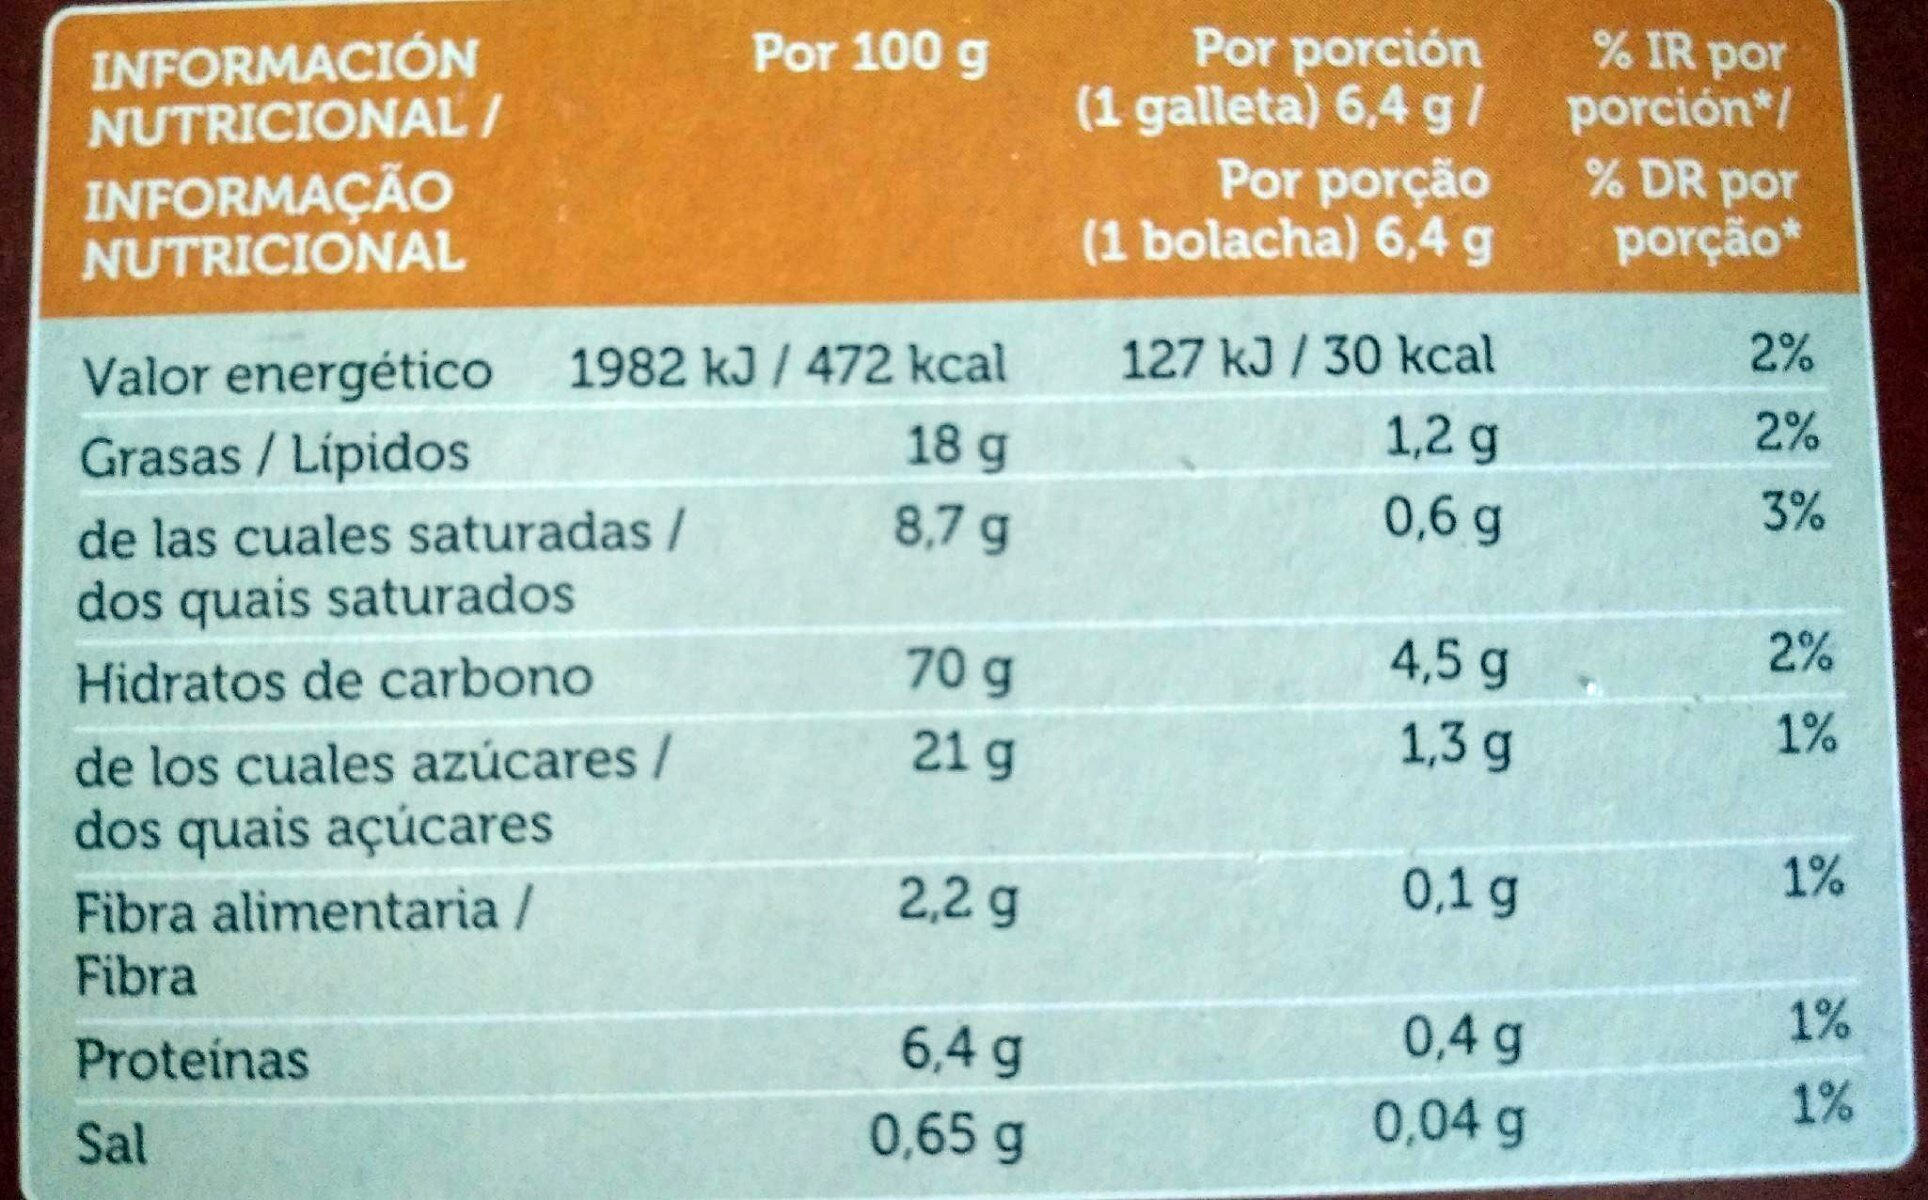 Galletas de canela - Nutrition facts - es